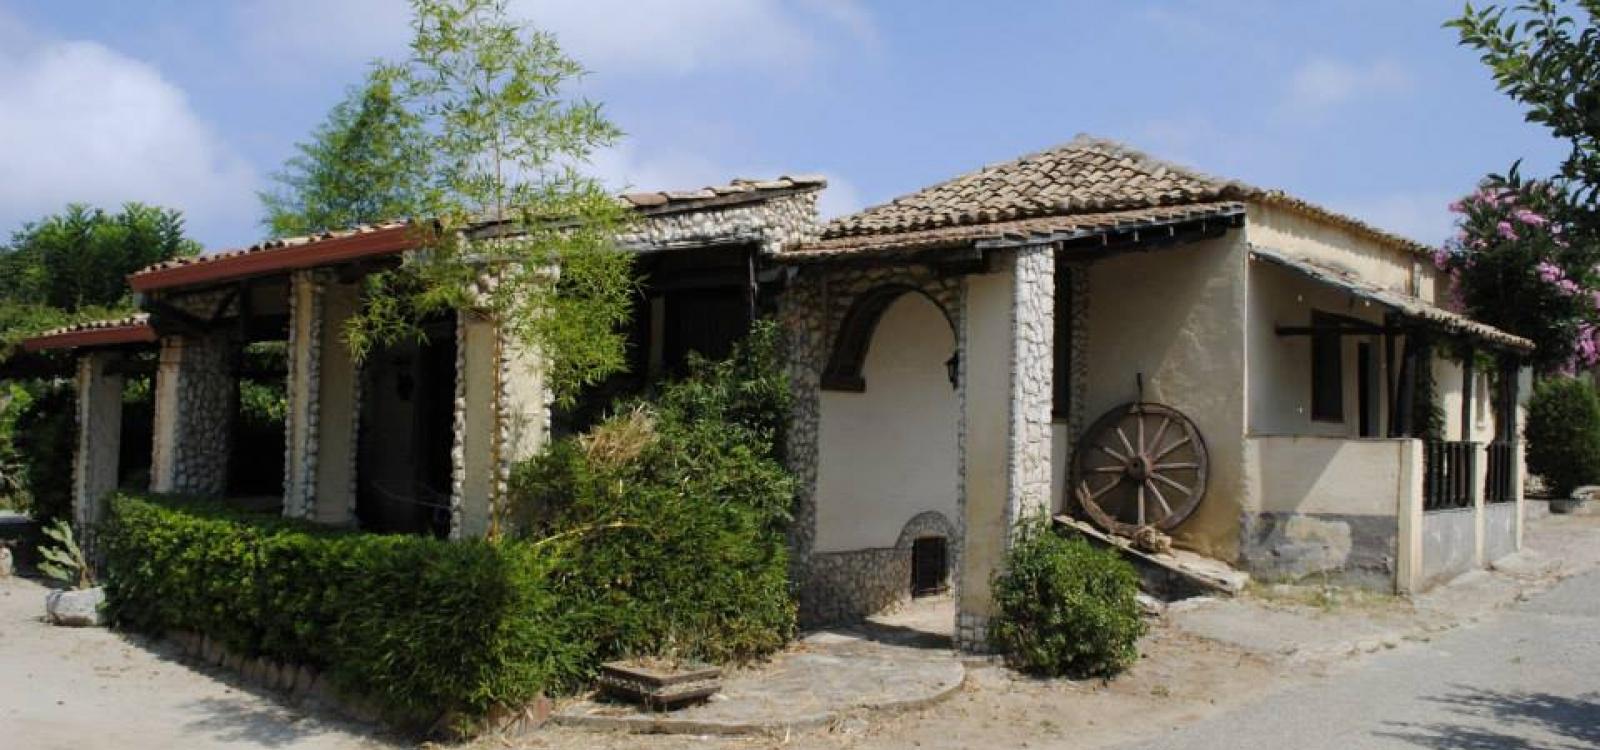 esterno della Casa del Contadino vicino a Tropea